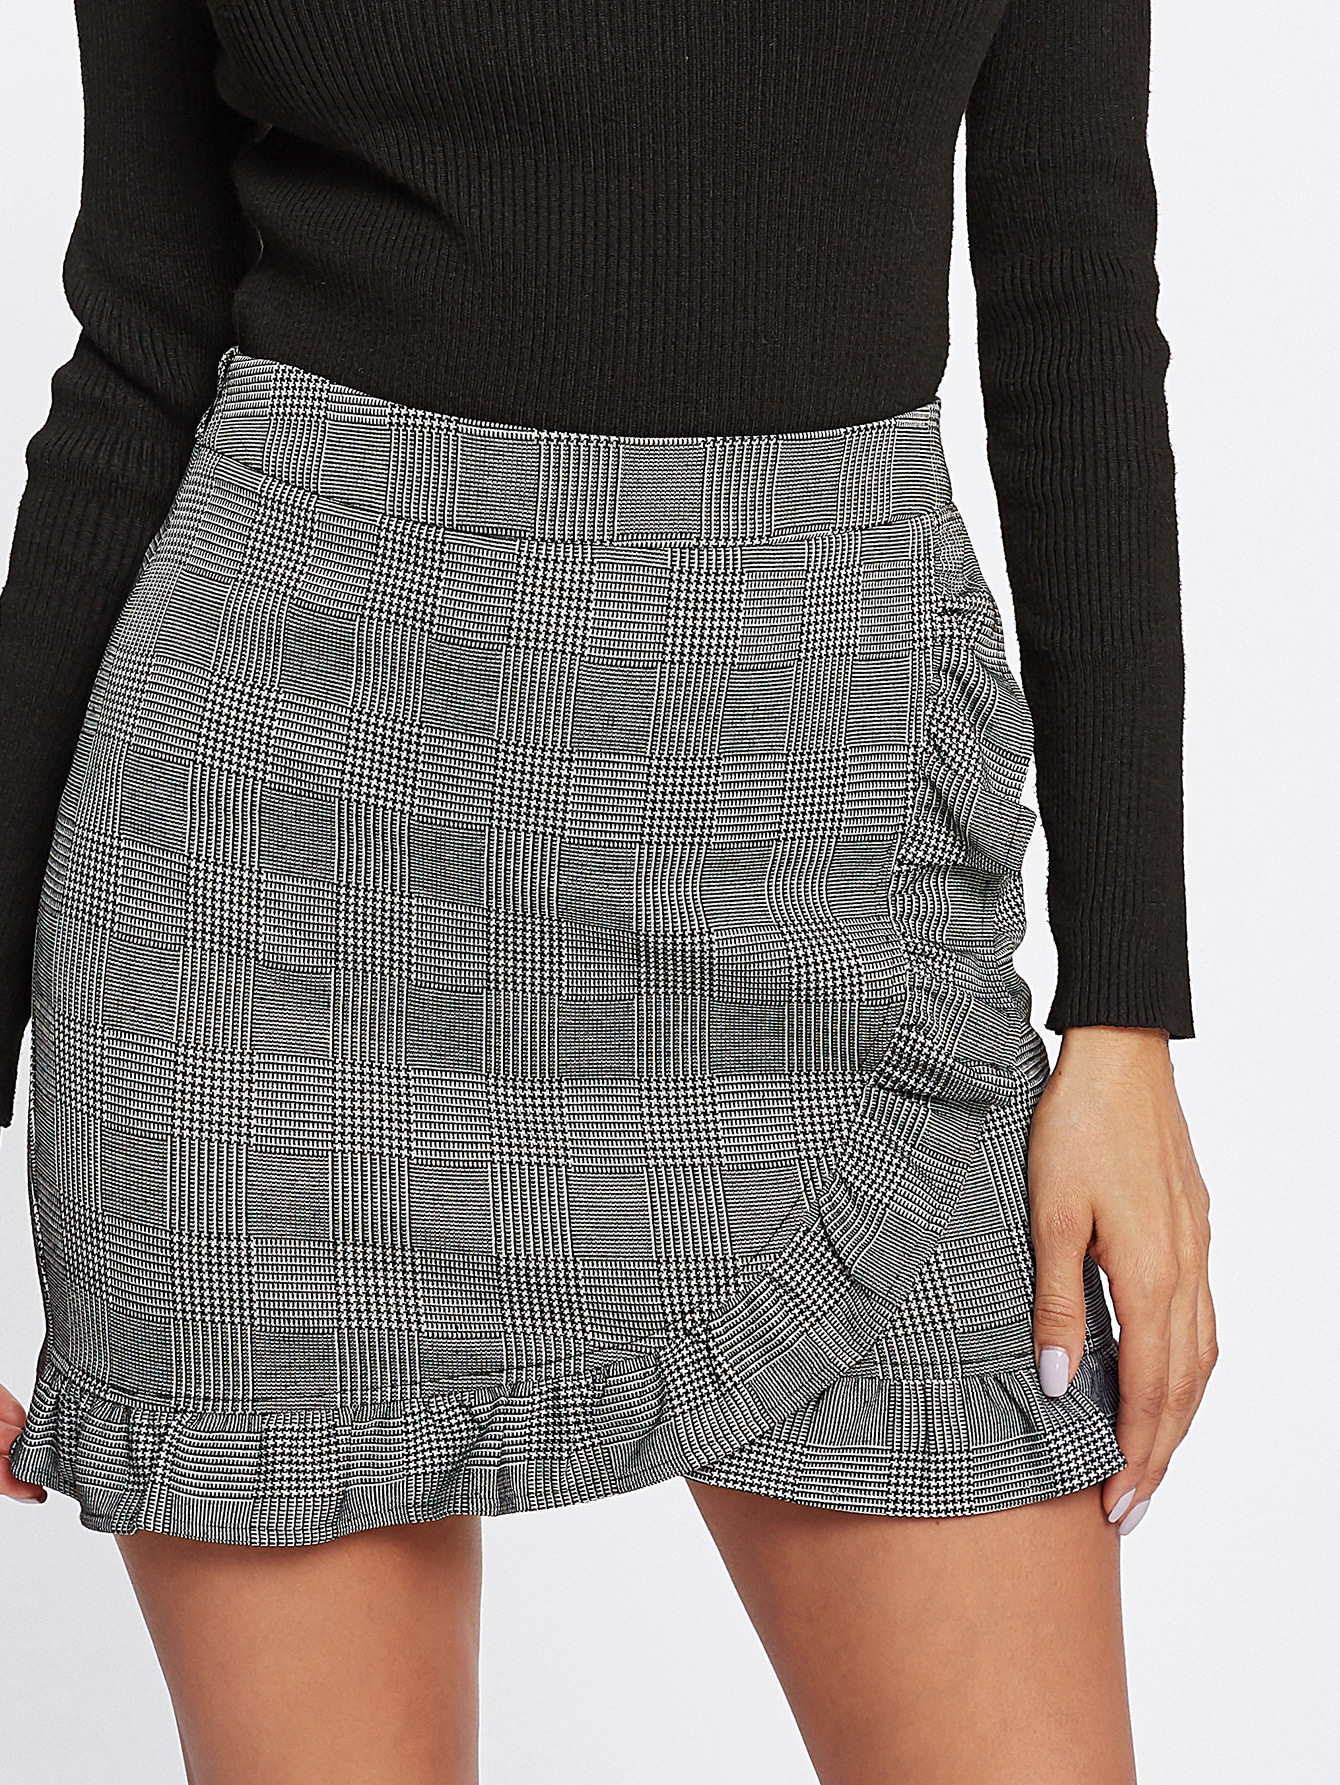 Frill Trim Plaid Wrap Skirt frill trim plaid wrap skirt